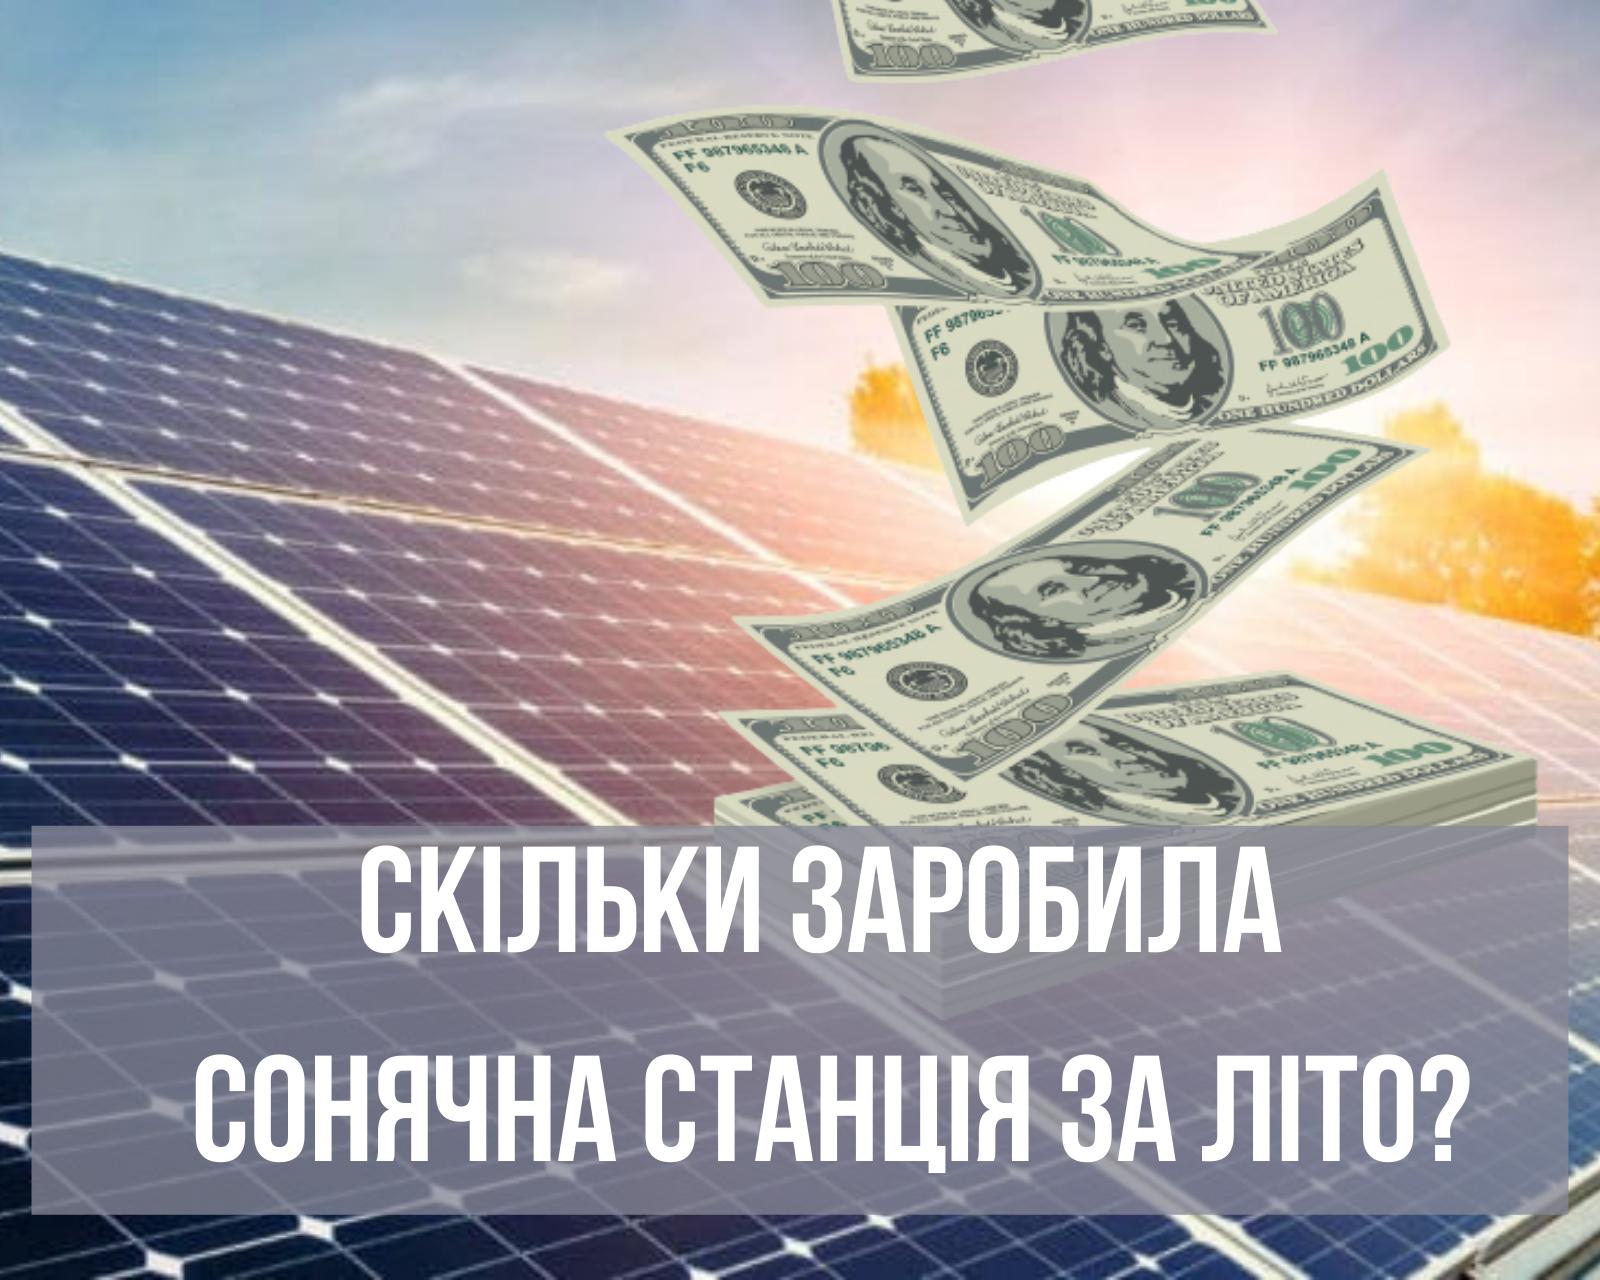 українські компанії починають активно інвестувати у сонячні електростанції 2